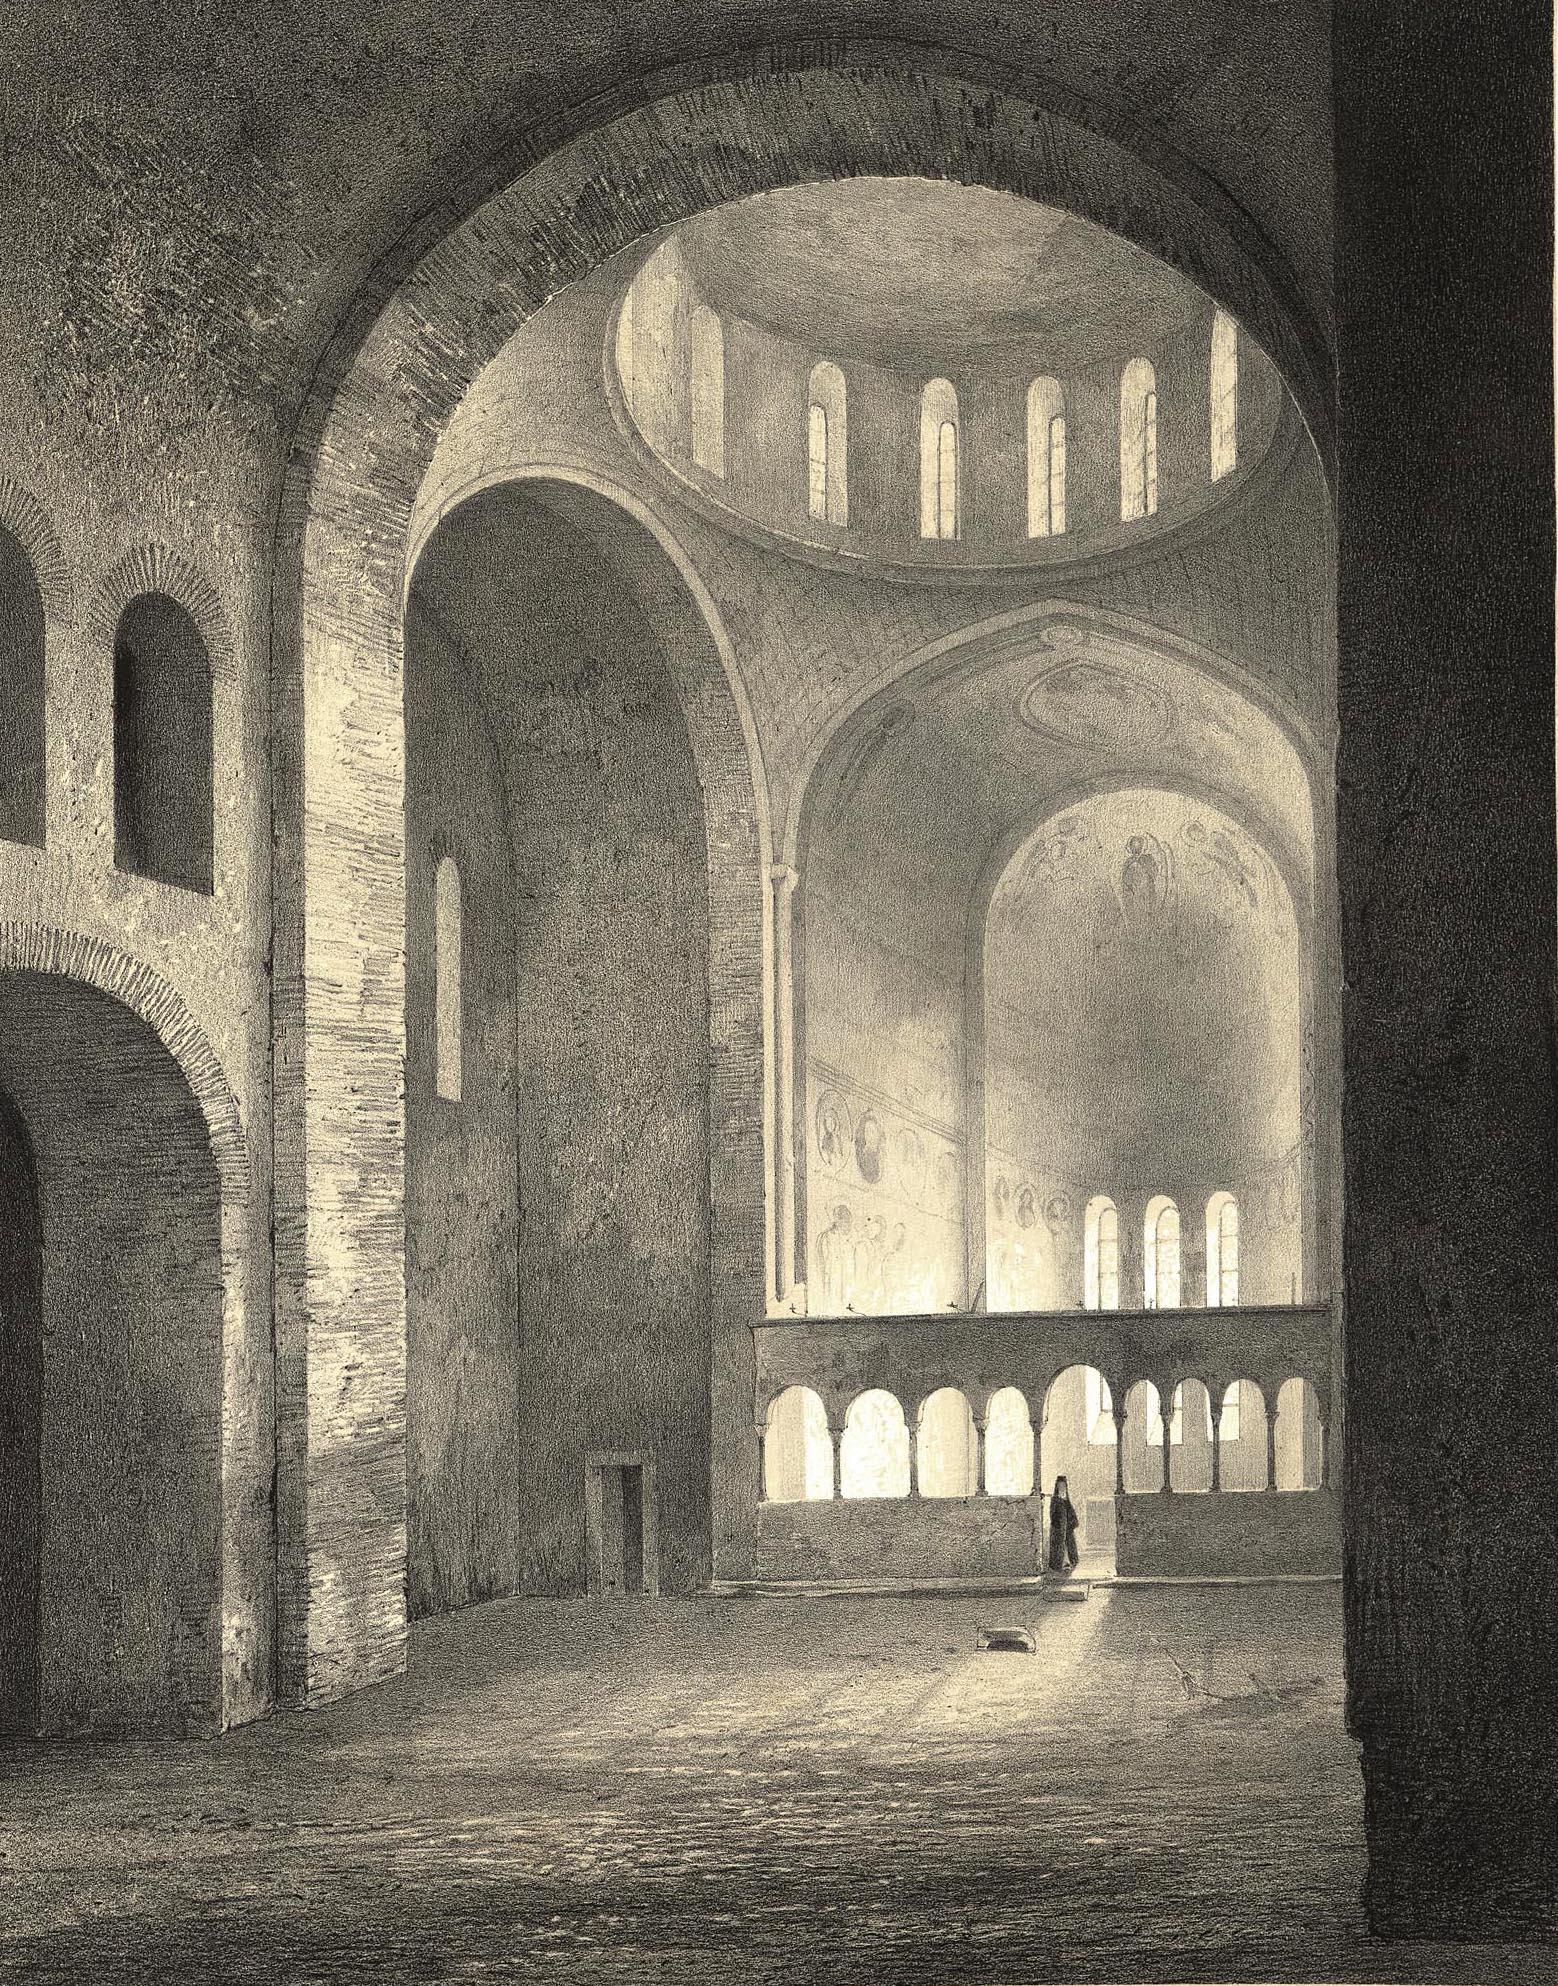 7. Abkhasie. Basilique de Pijzjounda / Абхазия. Базилика в  Пицунде [Собор Св. Андрея]